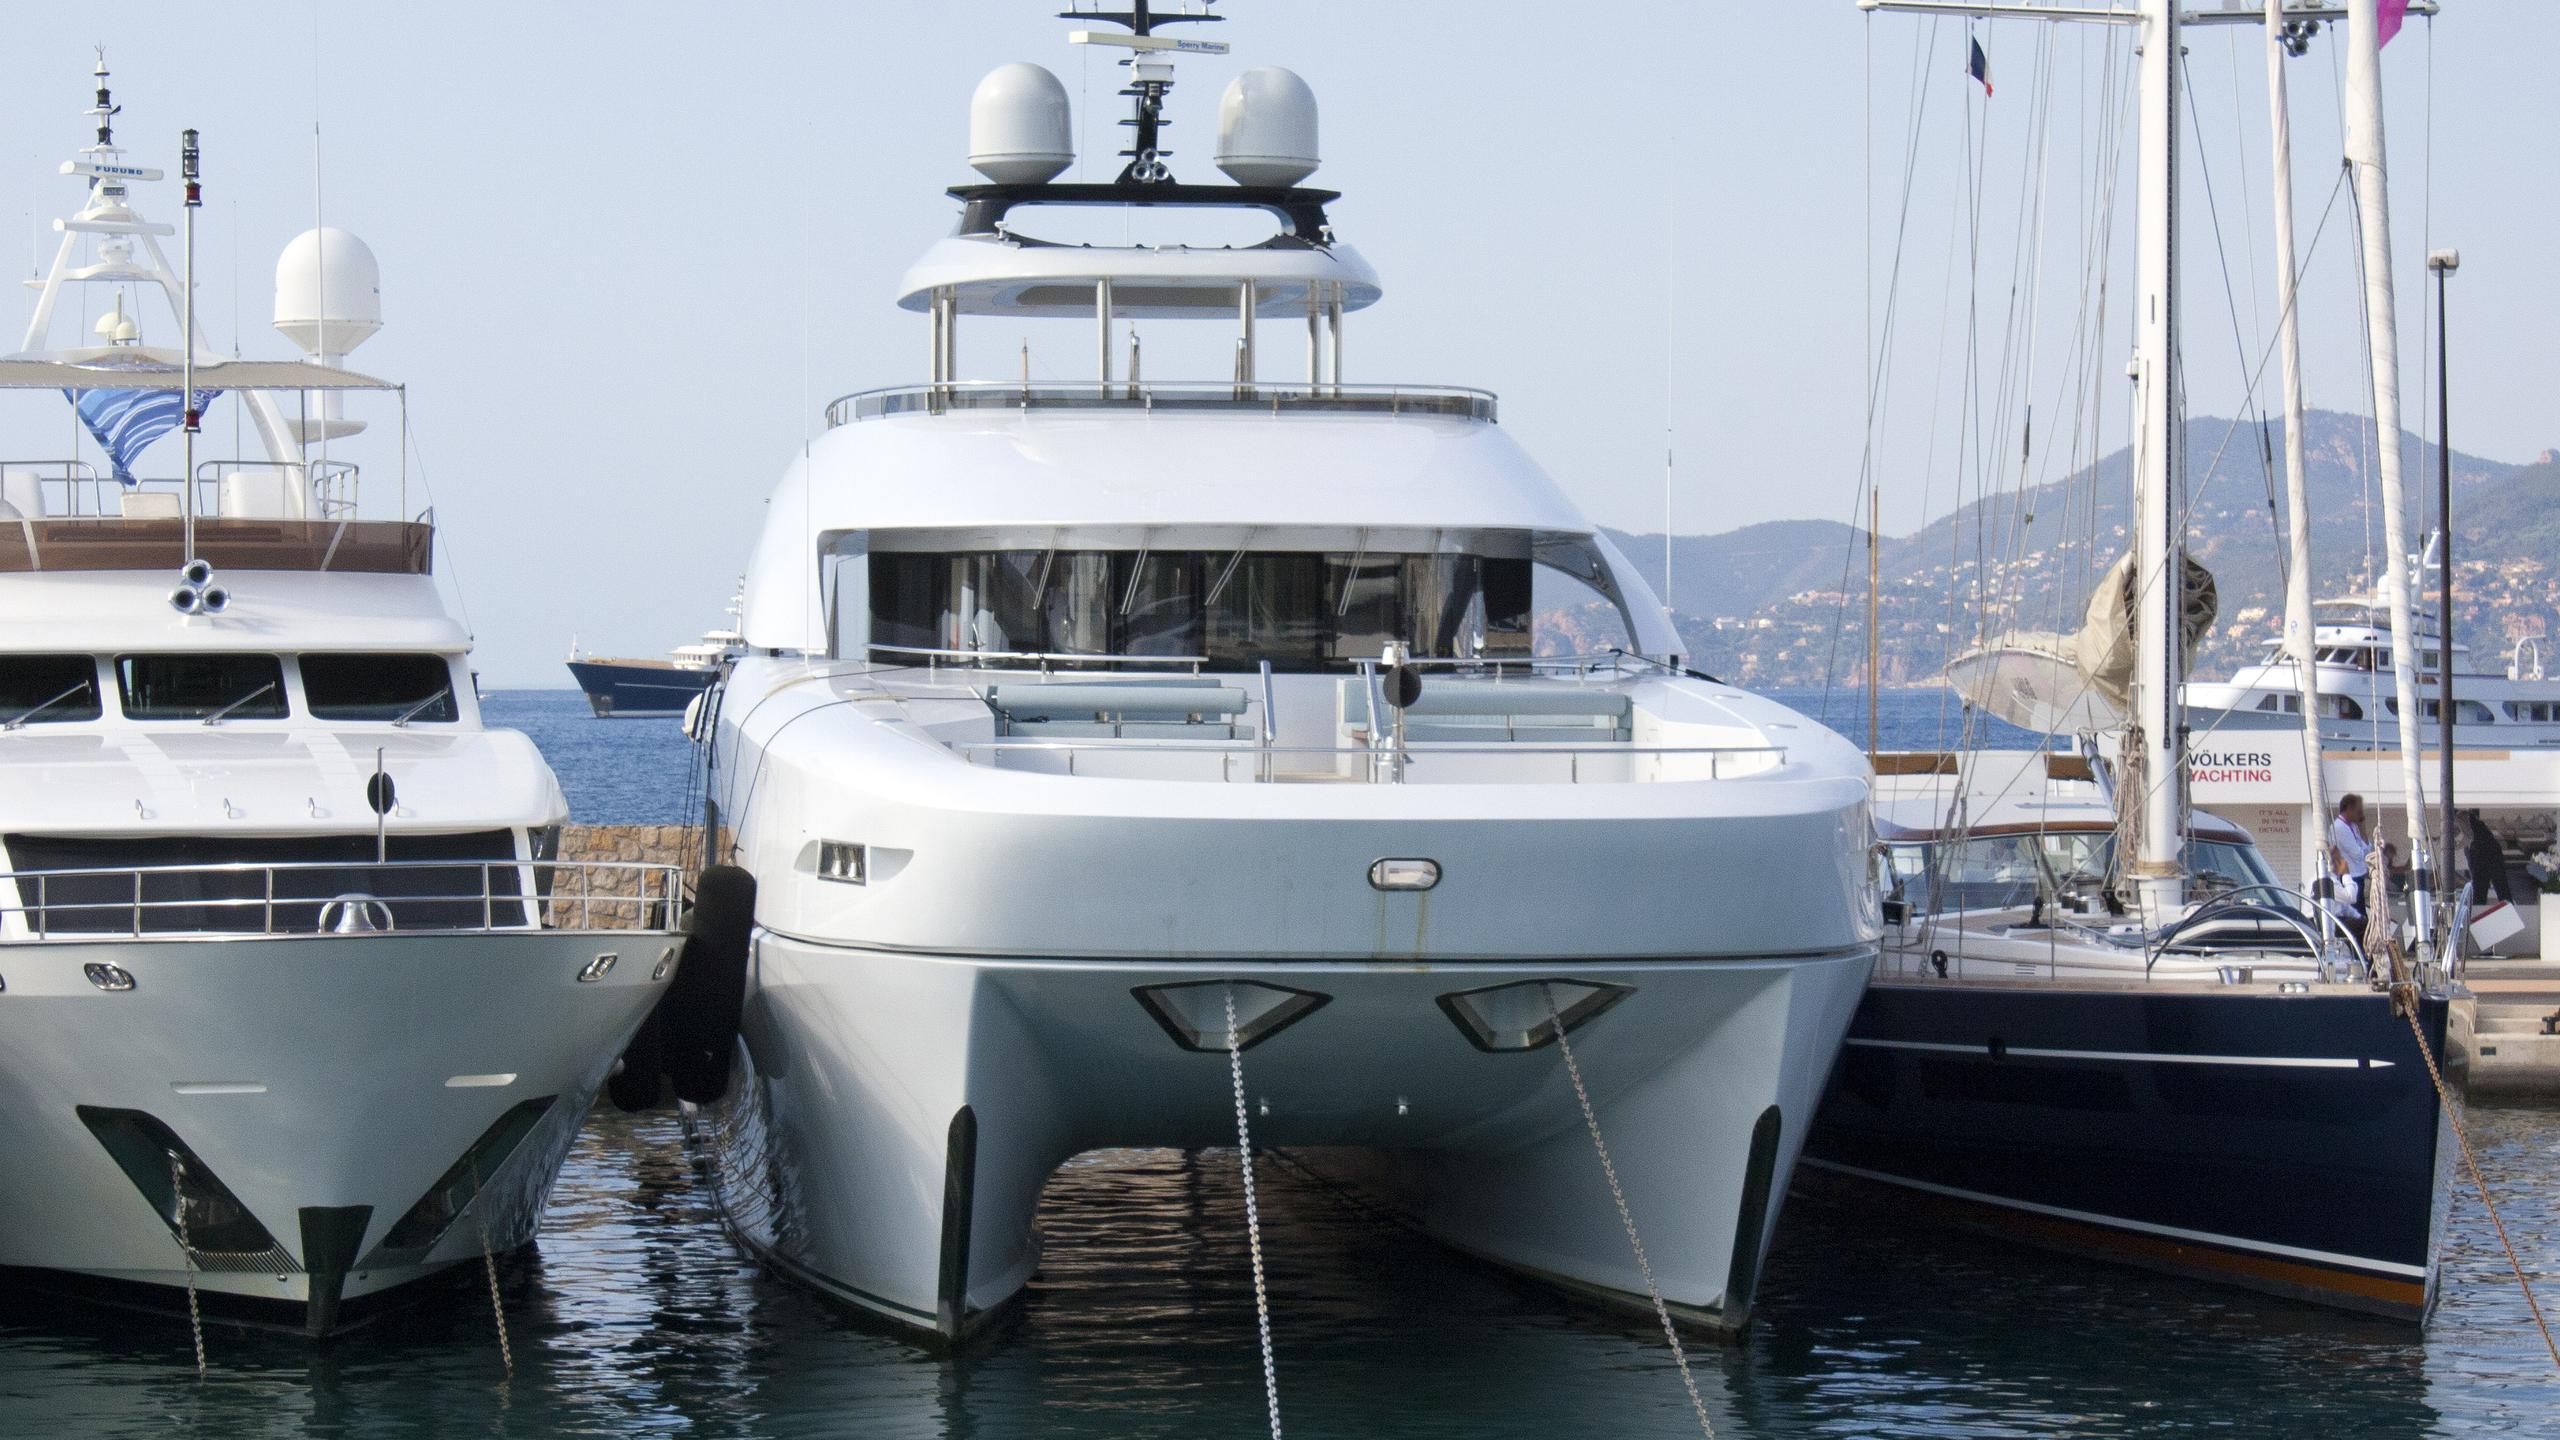 quaranta catamaran yacht logos marine 2013 34m bow